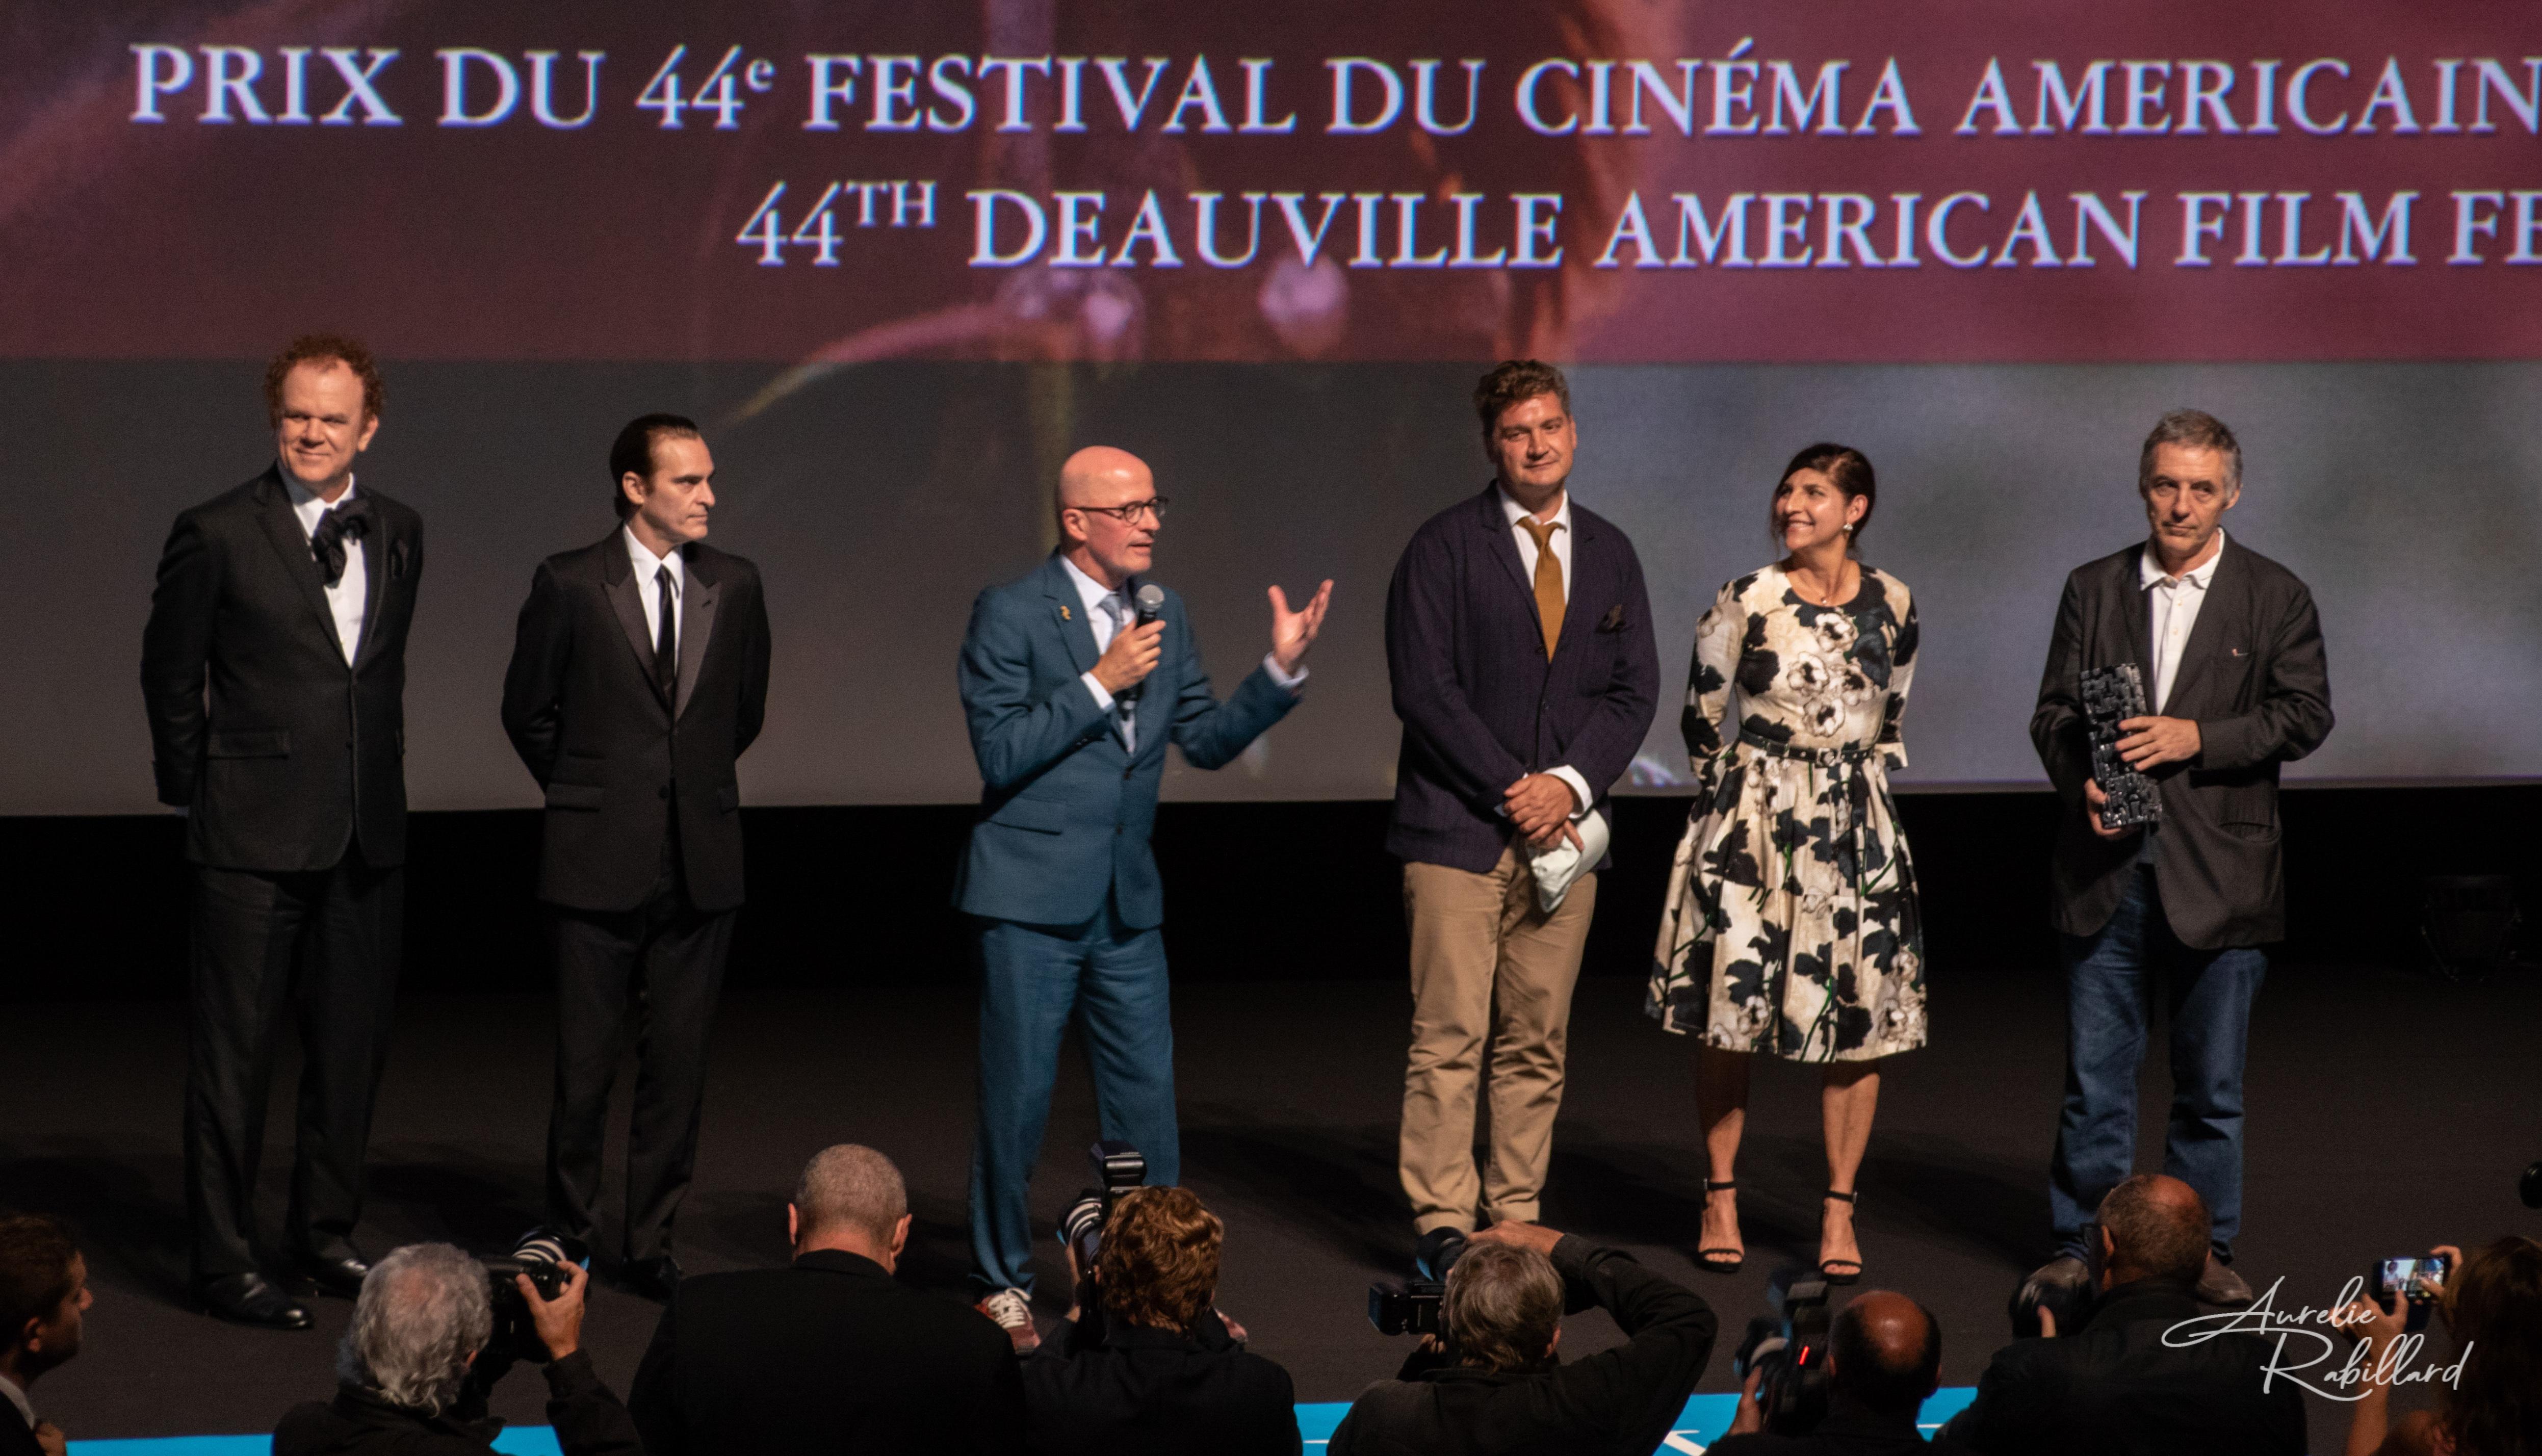 Le Festival du cinéma américain de Deauville 2018, la 44e édition du festival, s'est déroulé du 31 a